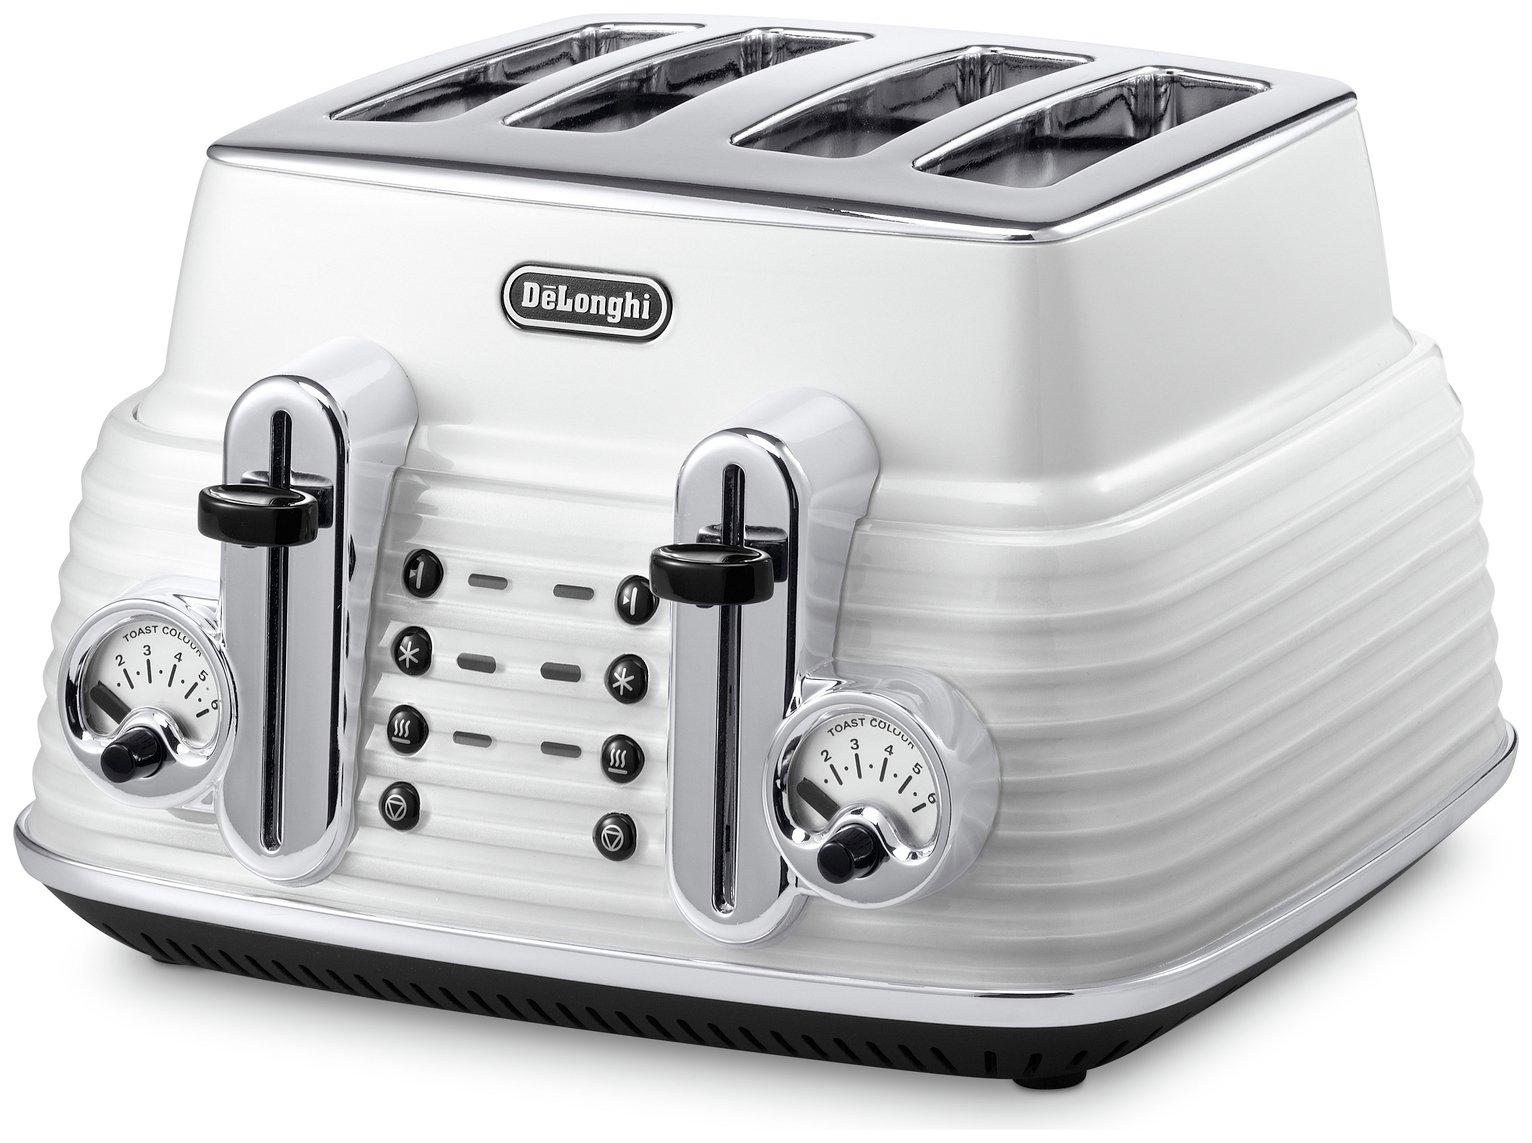 DeLonghi Scultura 4 Slice Toaster - White